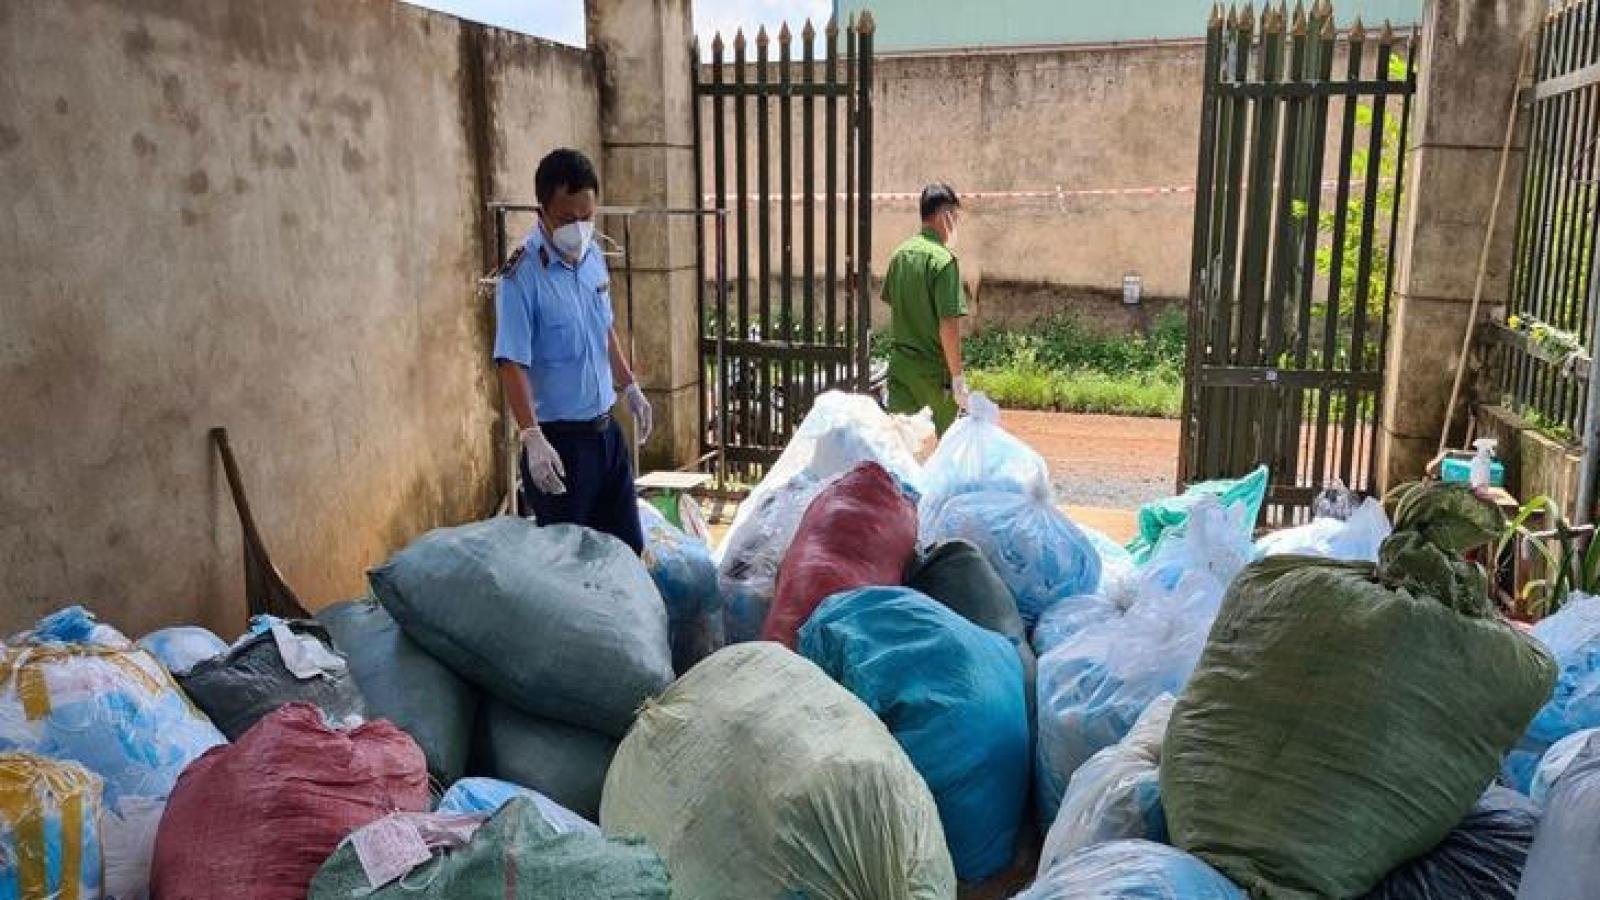 Phát hiện 1 tấn khẩu trang lỗi được thu gom về tái chế để bán